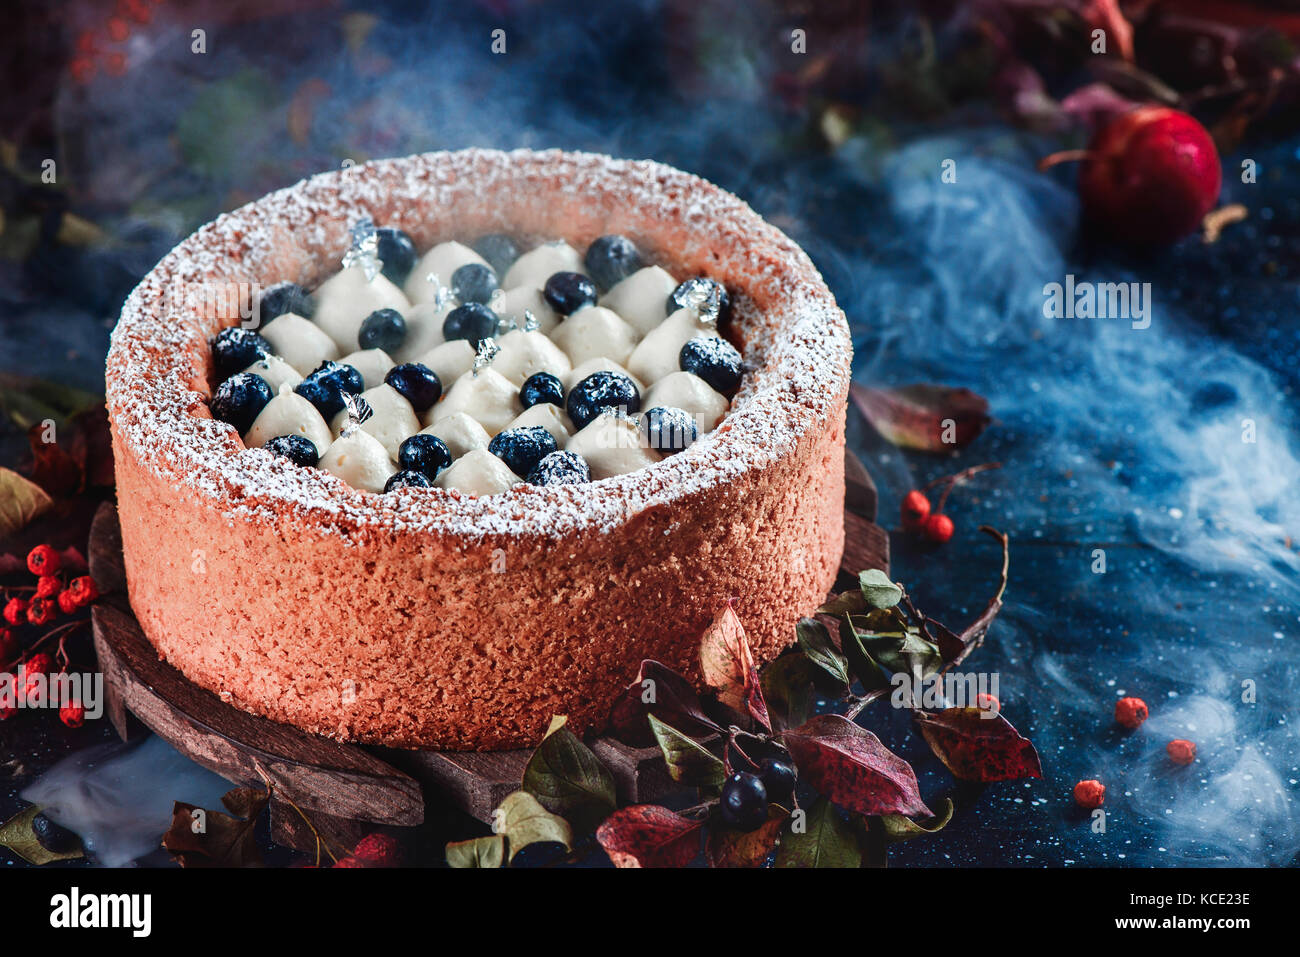 La crème fouettée et aux bleuets gâteau avec une croûte de sablé sur un fond sombre. dark Photo Stock